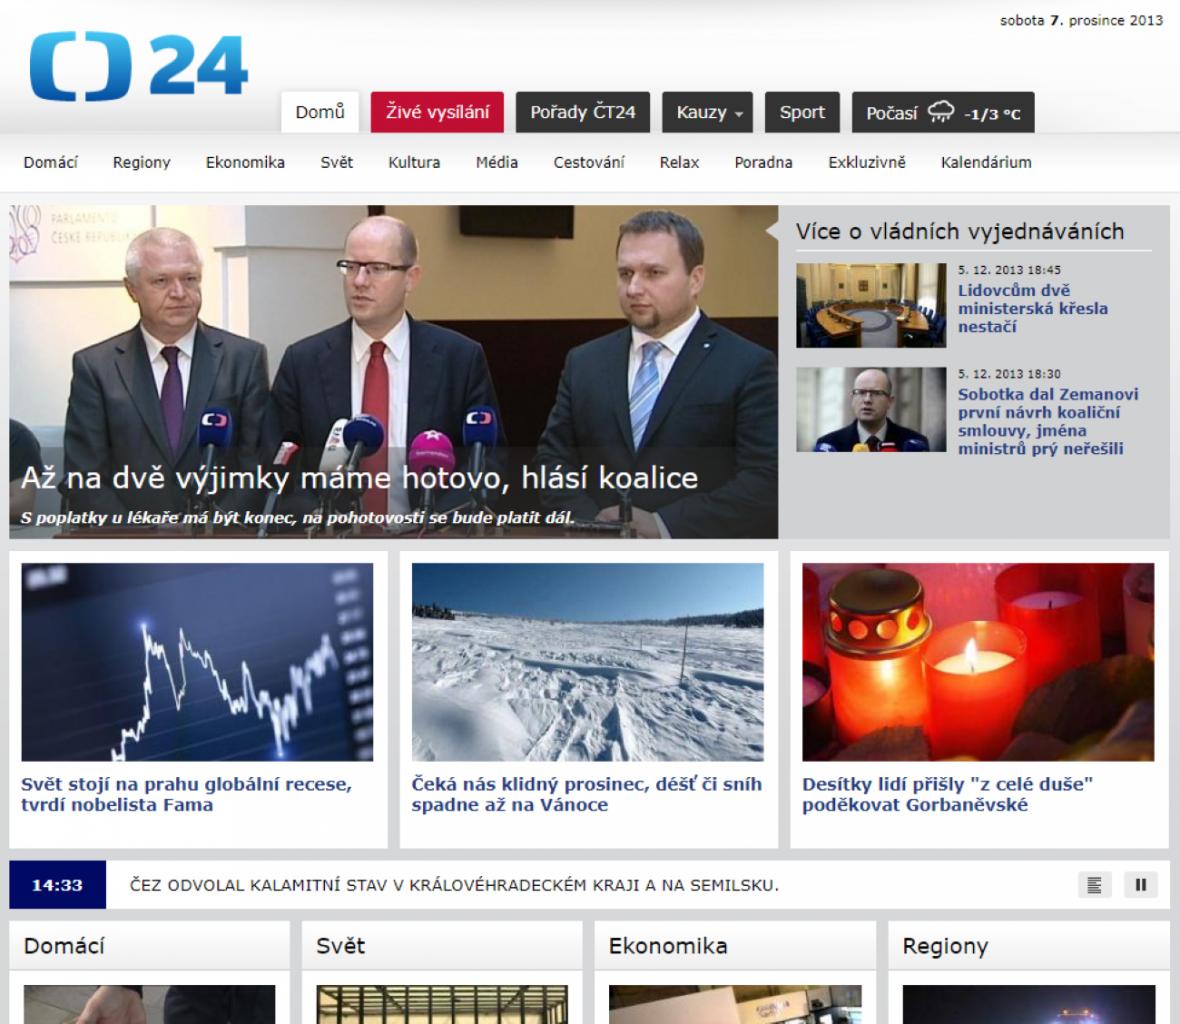 Web ČT24 v roce 2013